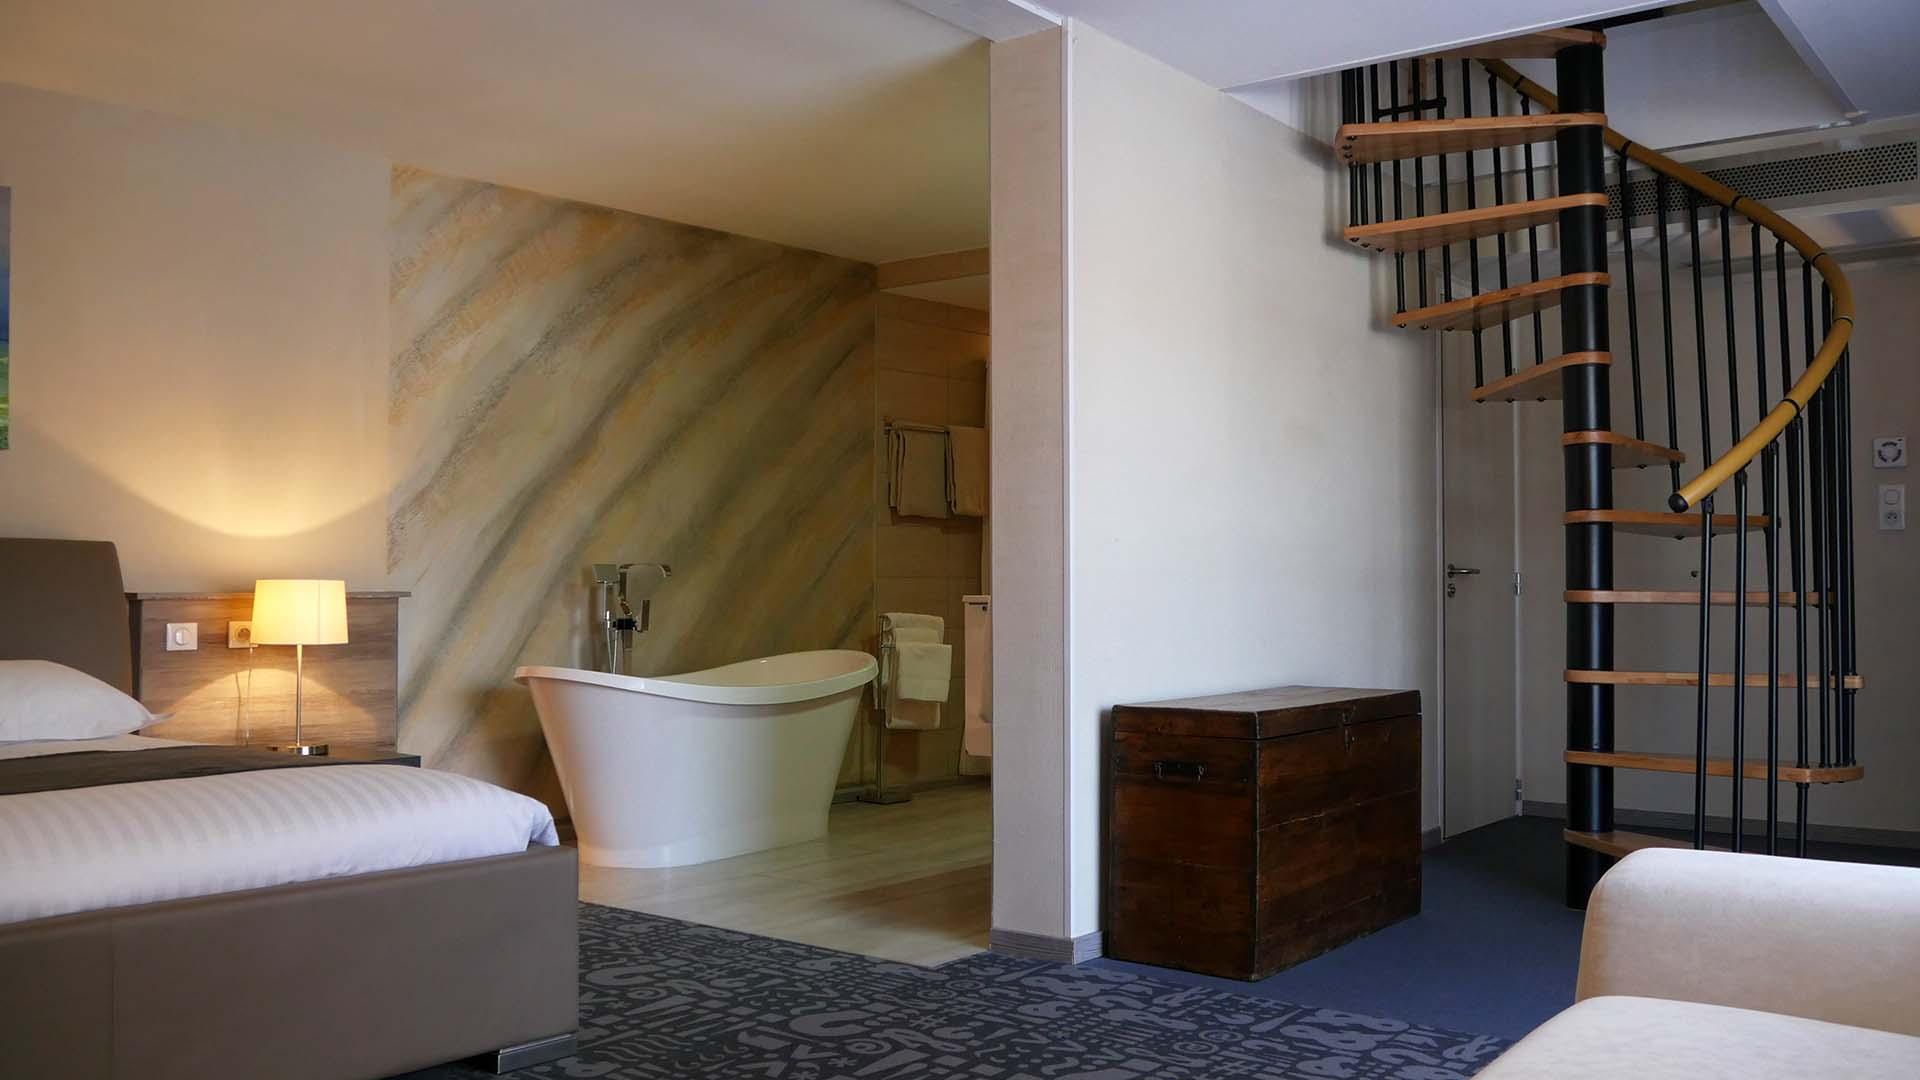 Chambres familiales grand confort